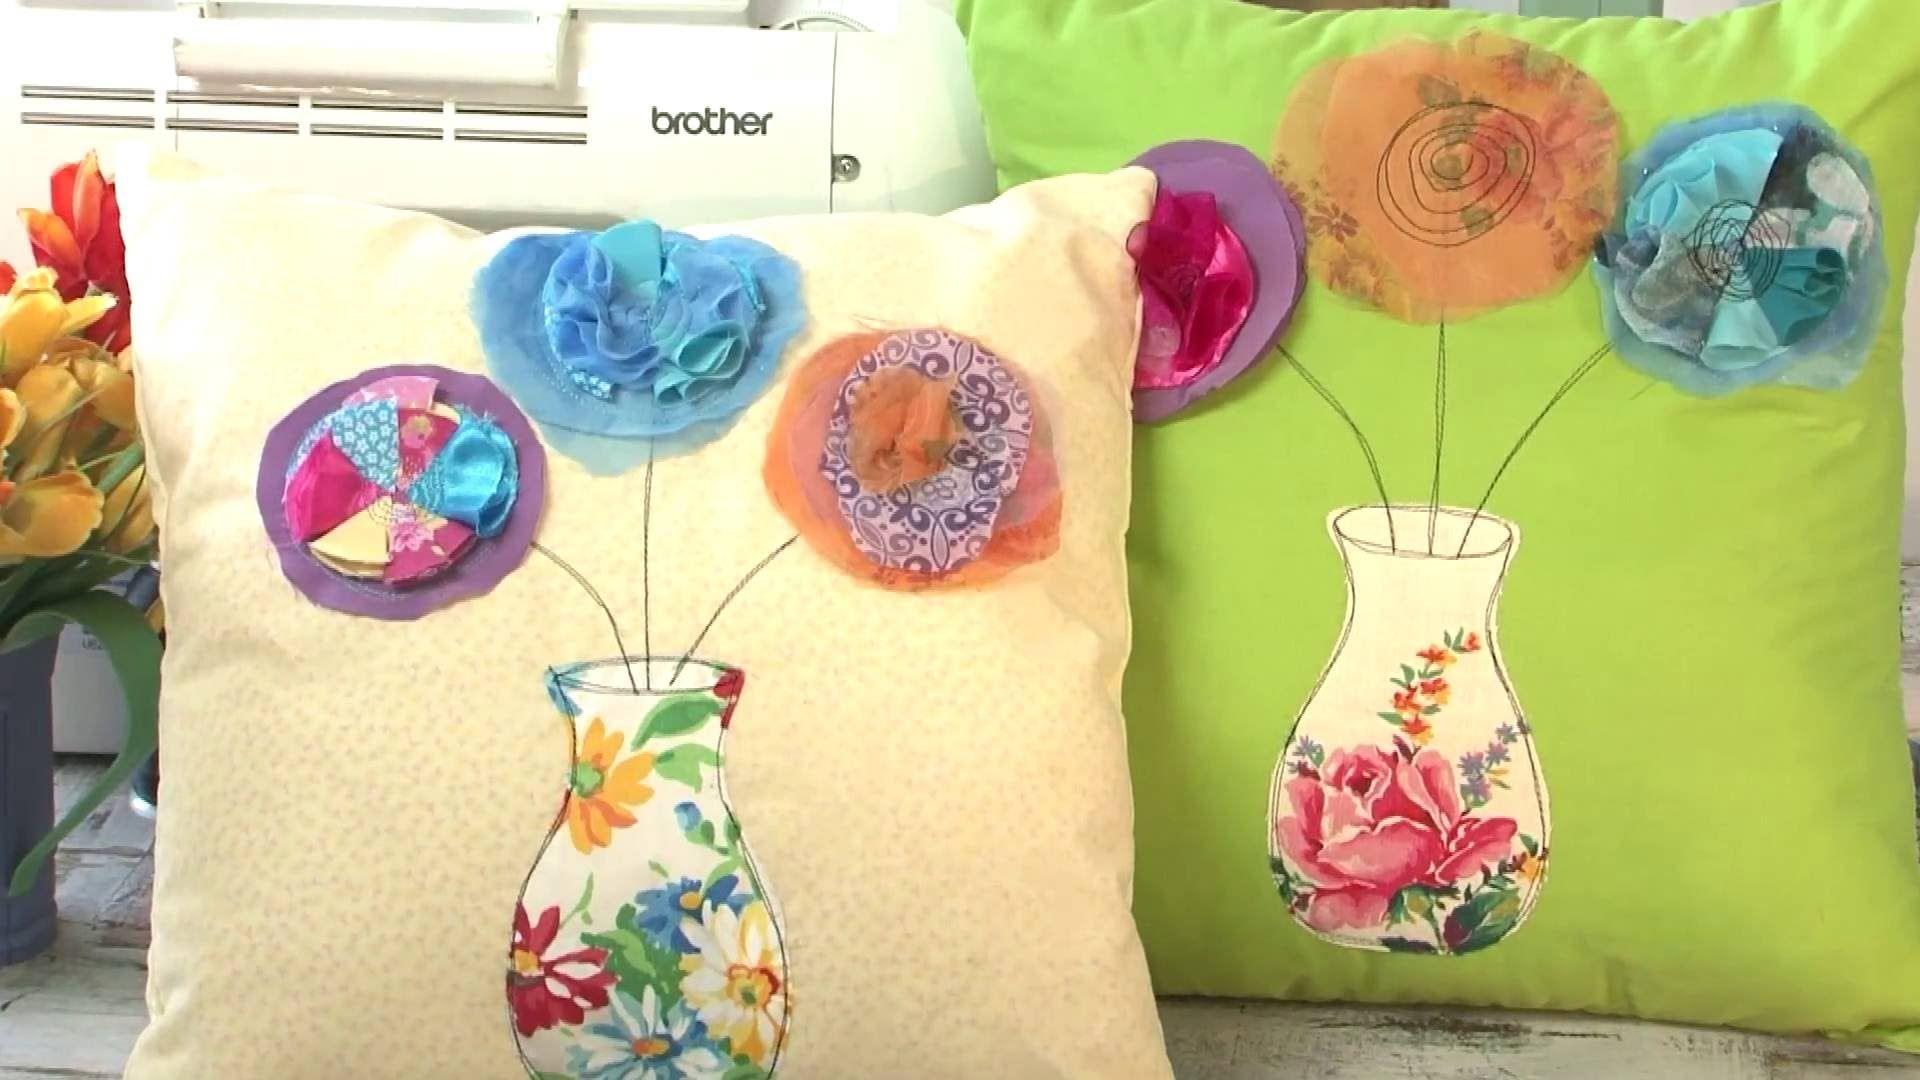 Coser a maquina almohadones - Apliques de Flores - Maquina de Coser Brother